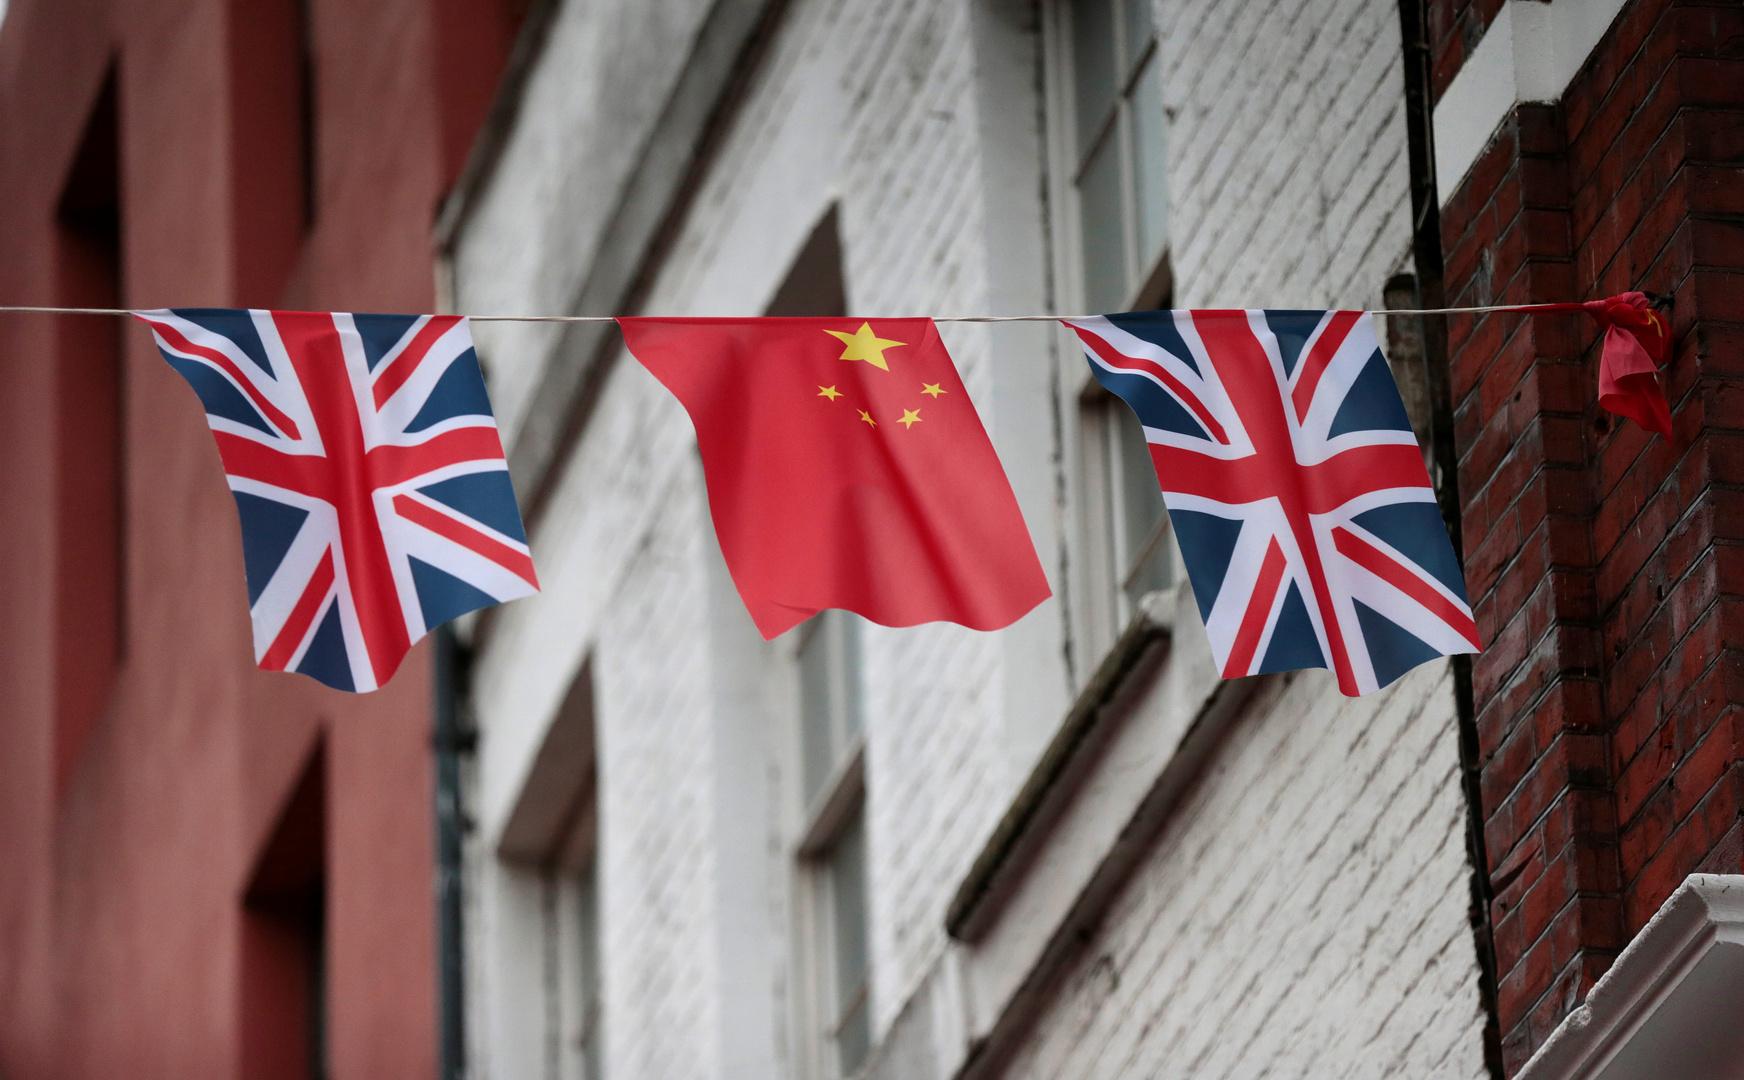 العلم الصيني والعلم البريطاني